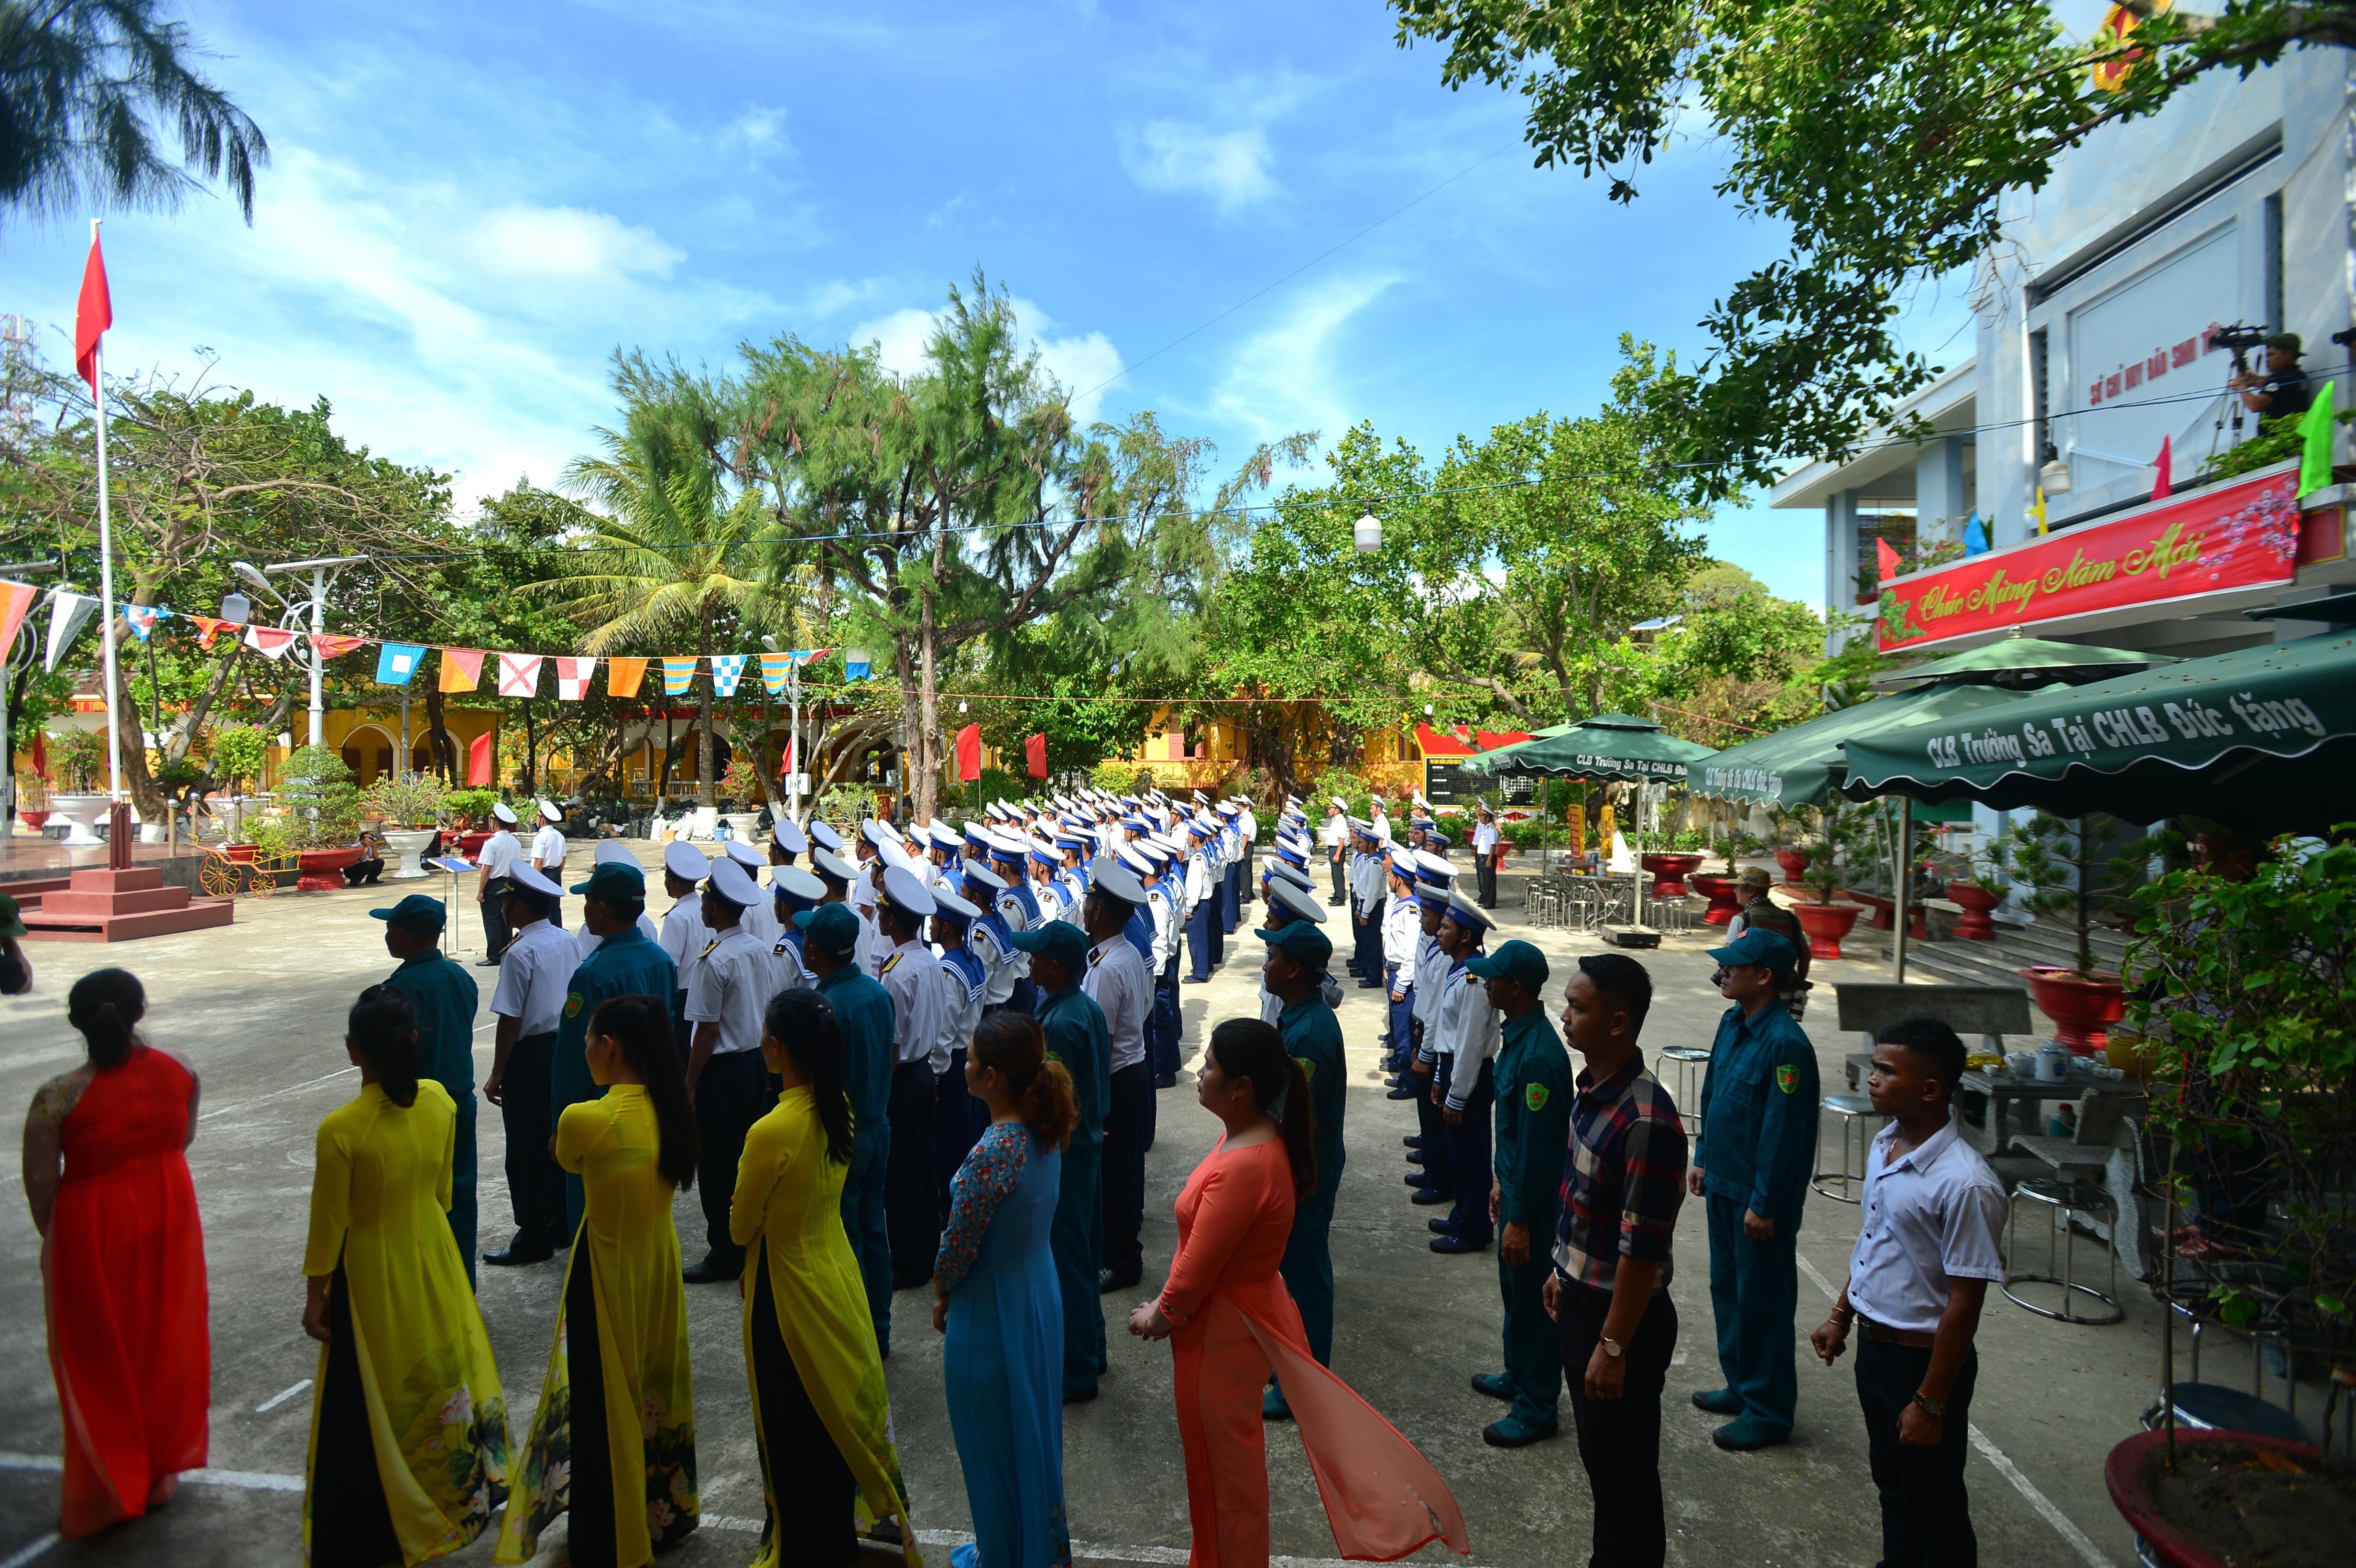 Thiêng liêng lễ chào cờ đầu năm mới tại Trường Sa - 11